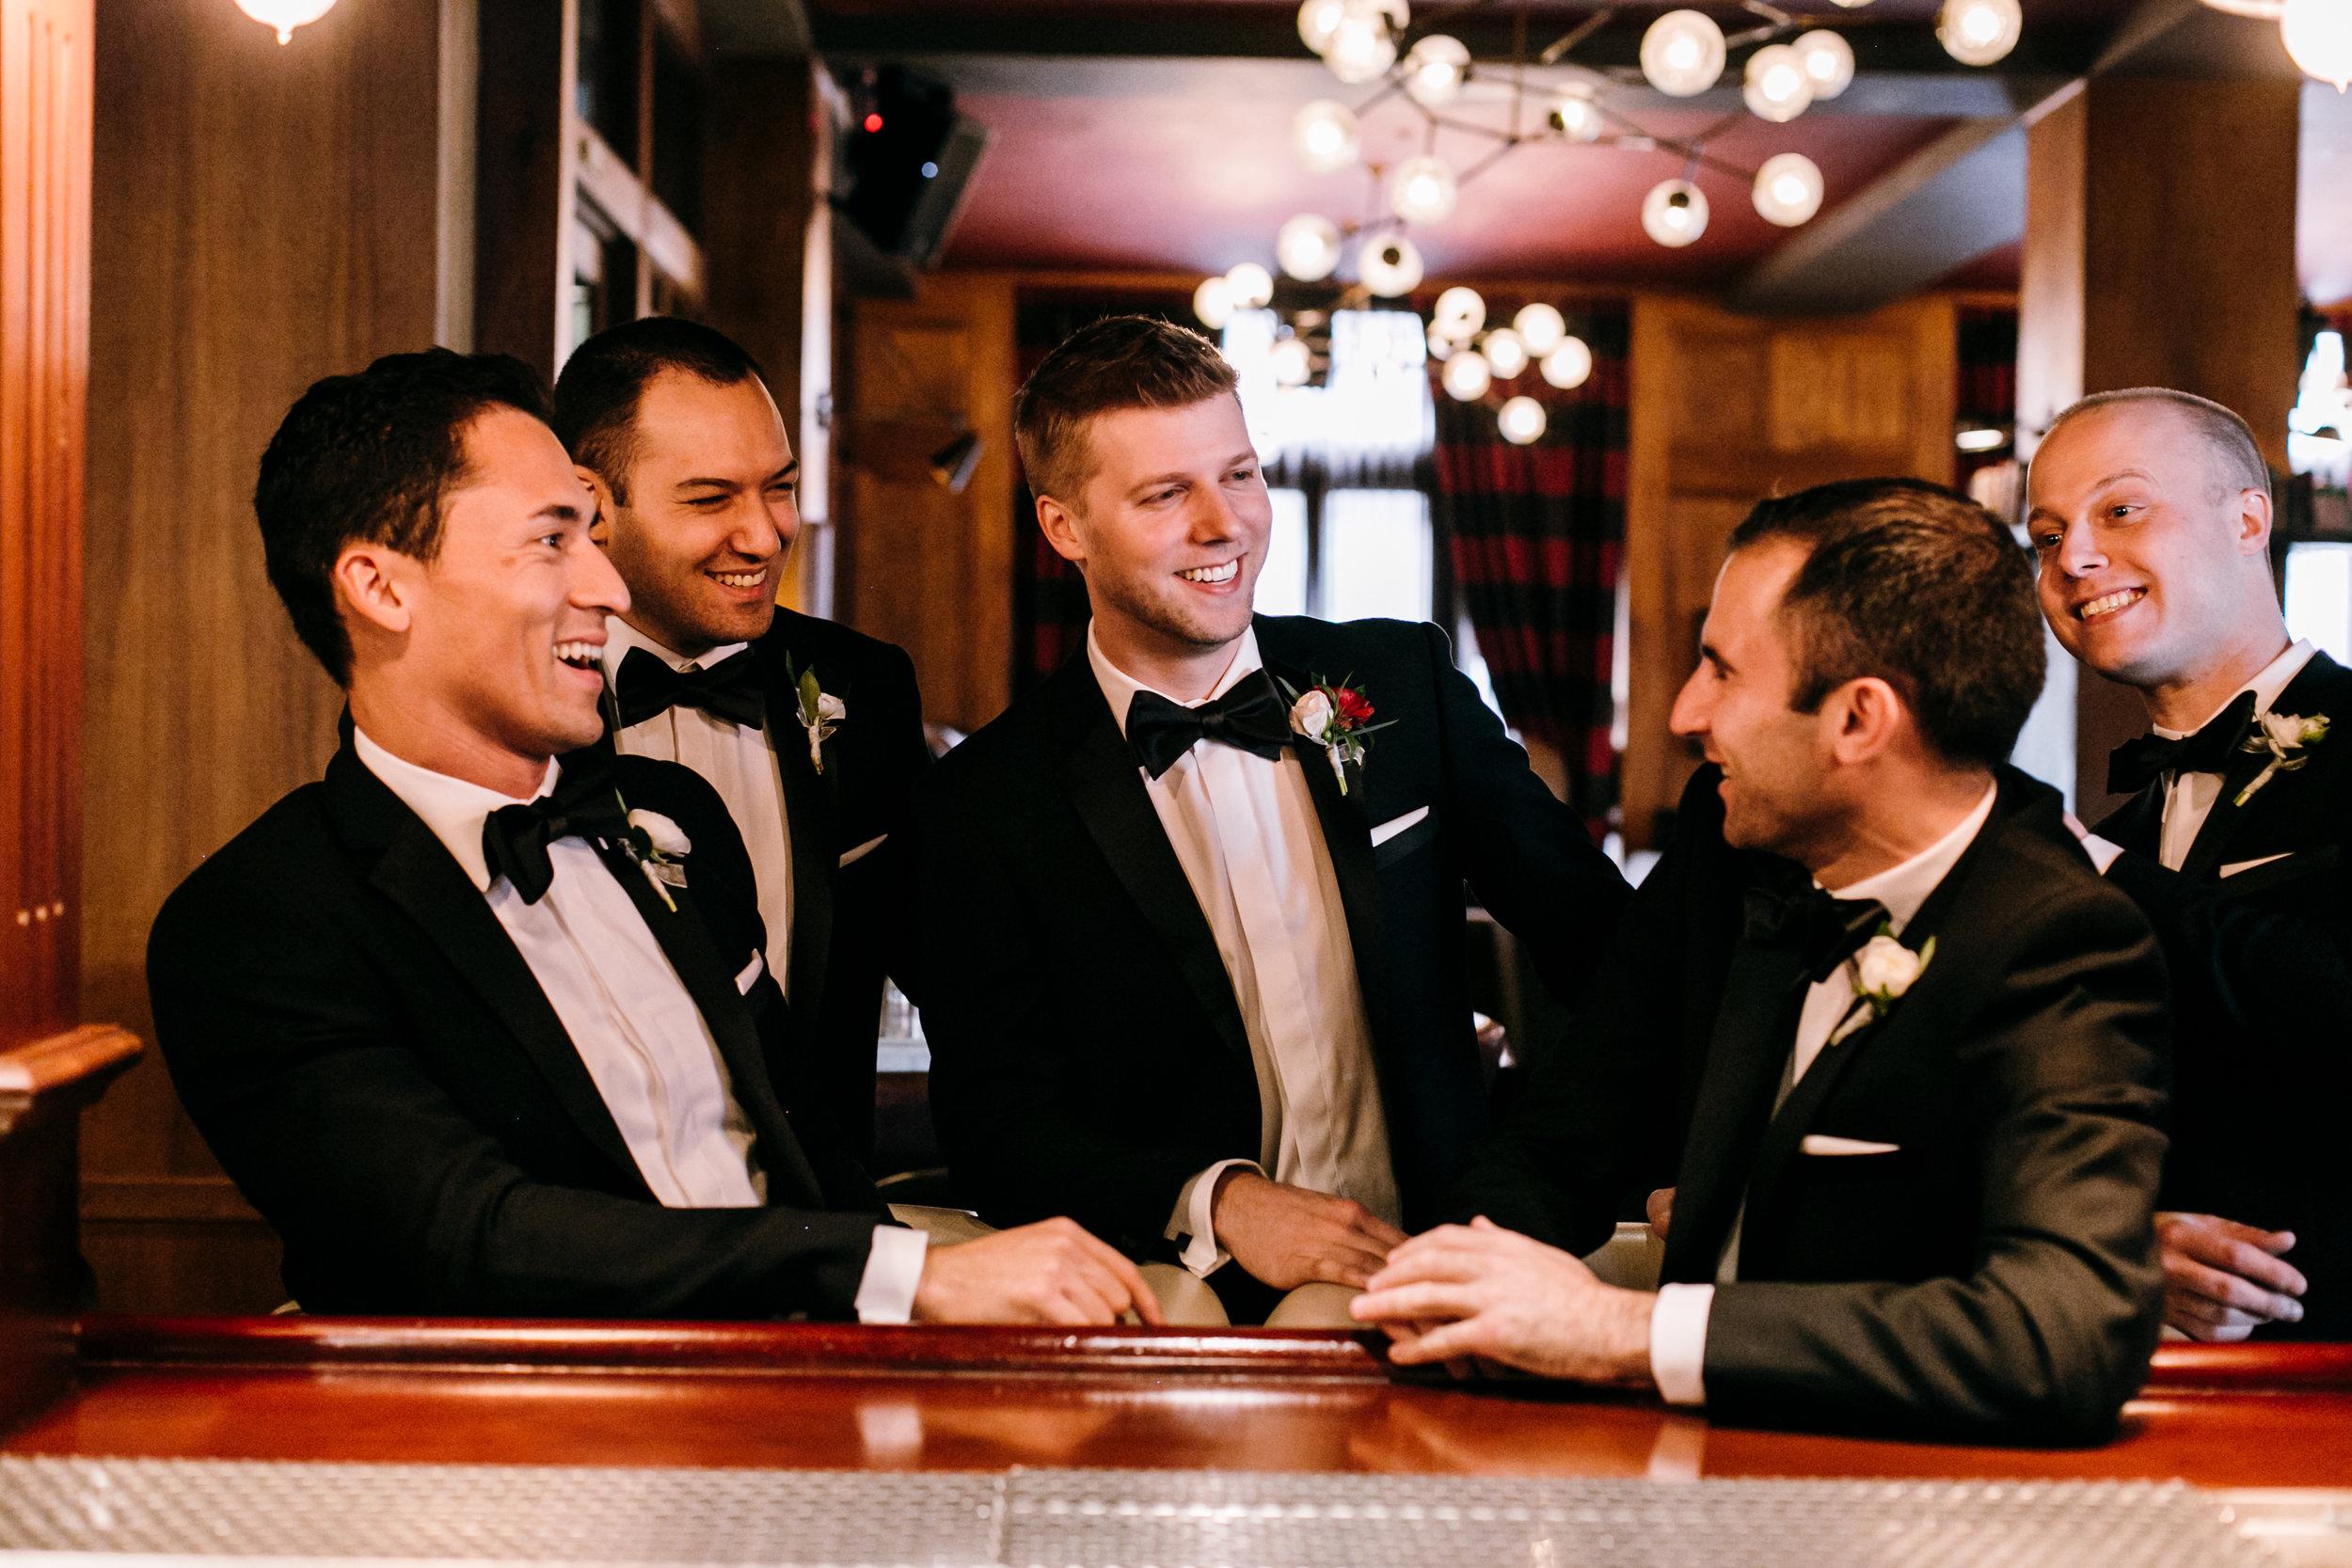 KaraNixonWeddings-DTLA-Wedding-15.jpg